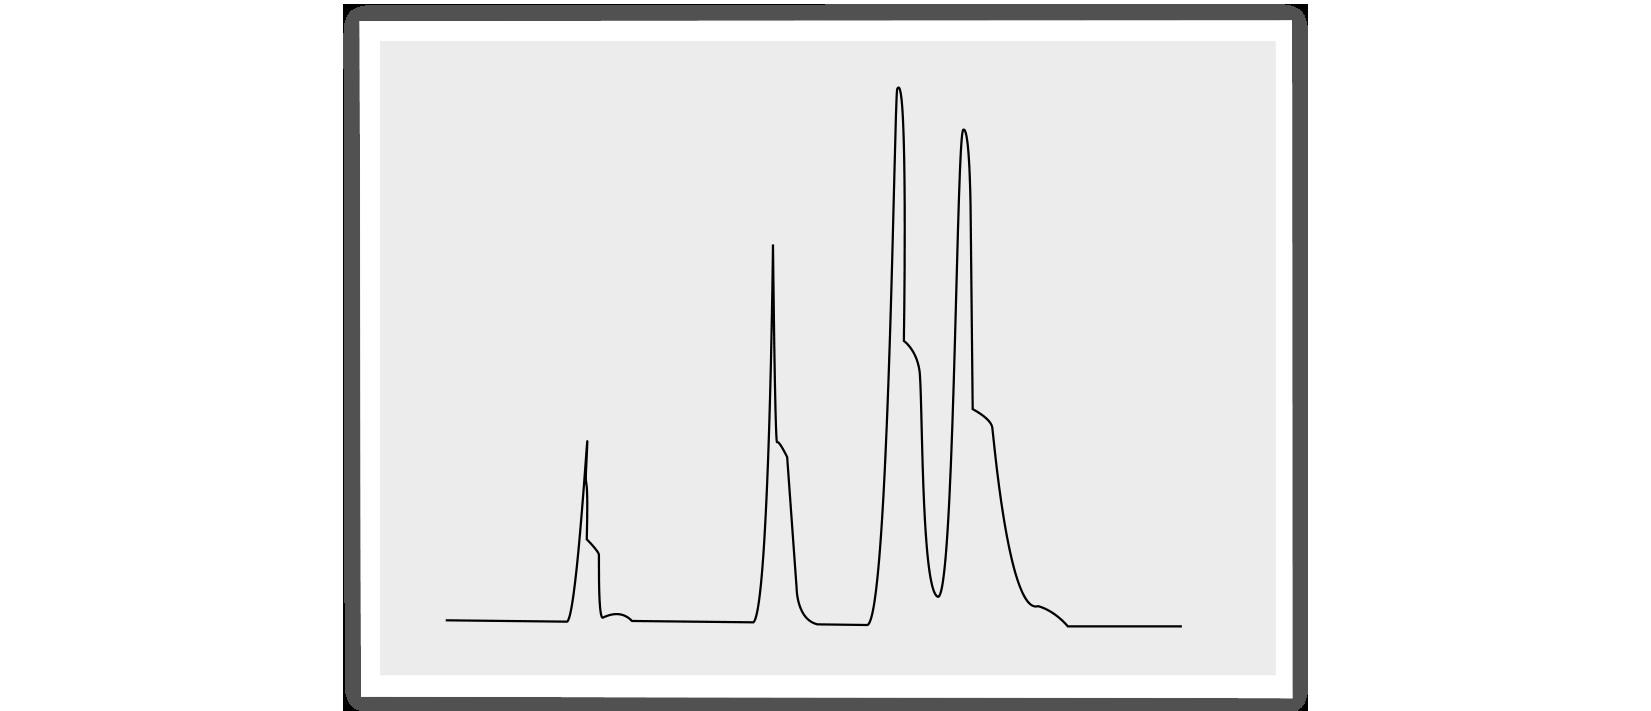 chromatography, peak tailing, chromatogram, peak shape